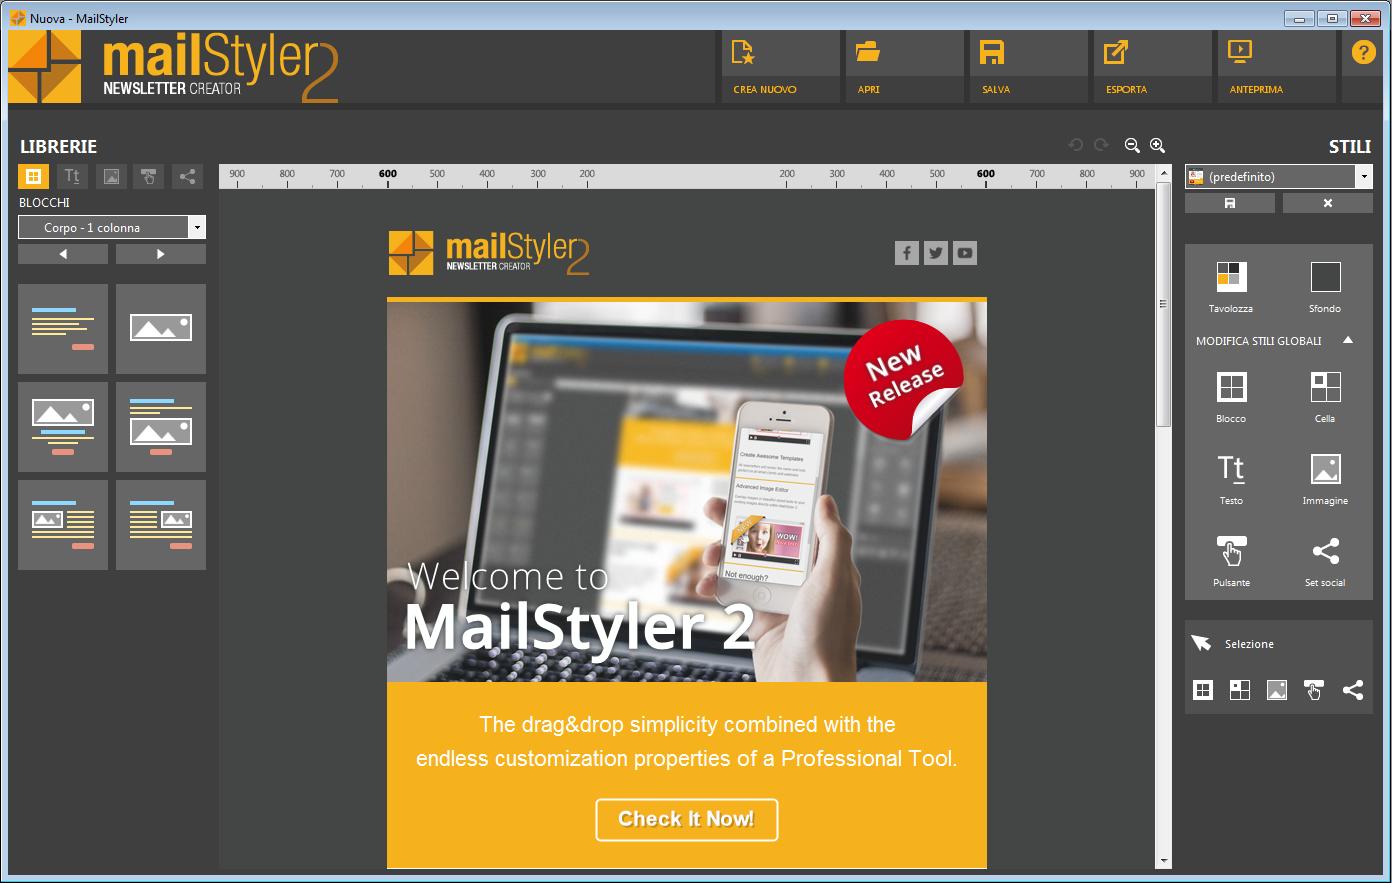 Schermata principale di MailStyler